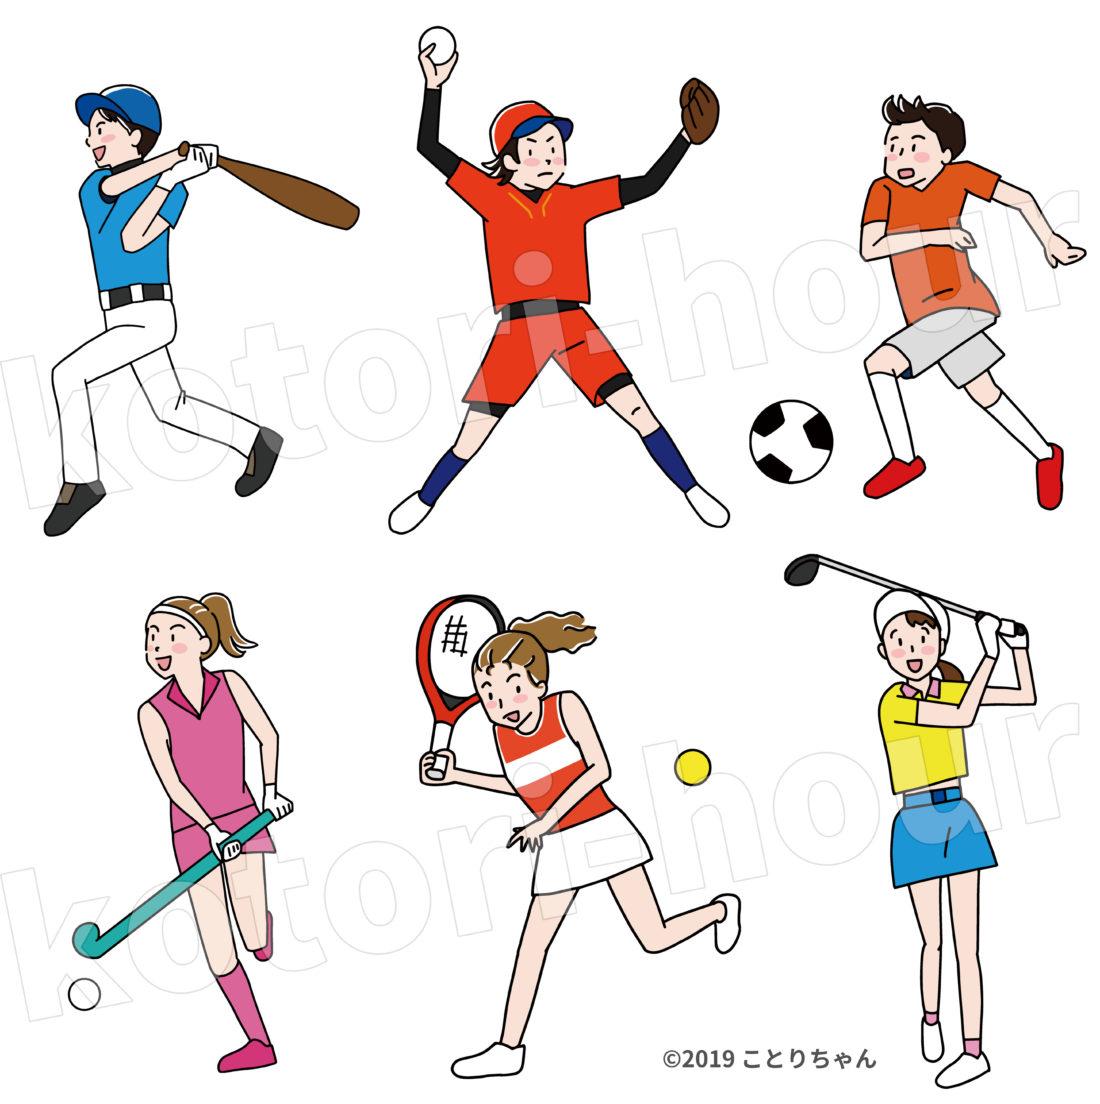 オリンピックイラスト野球ゴルフサッカーテニスソフトボール